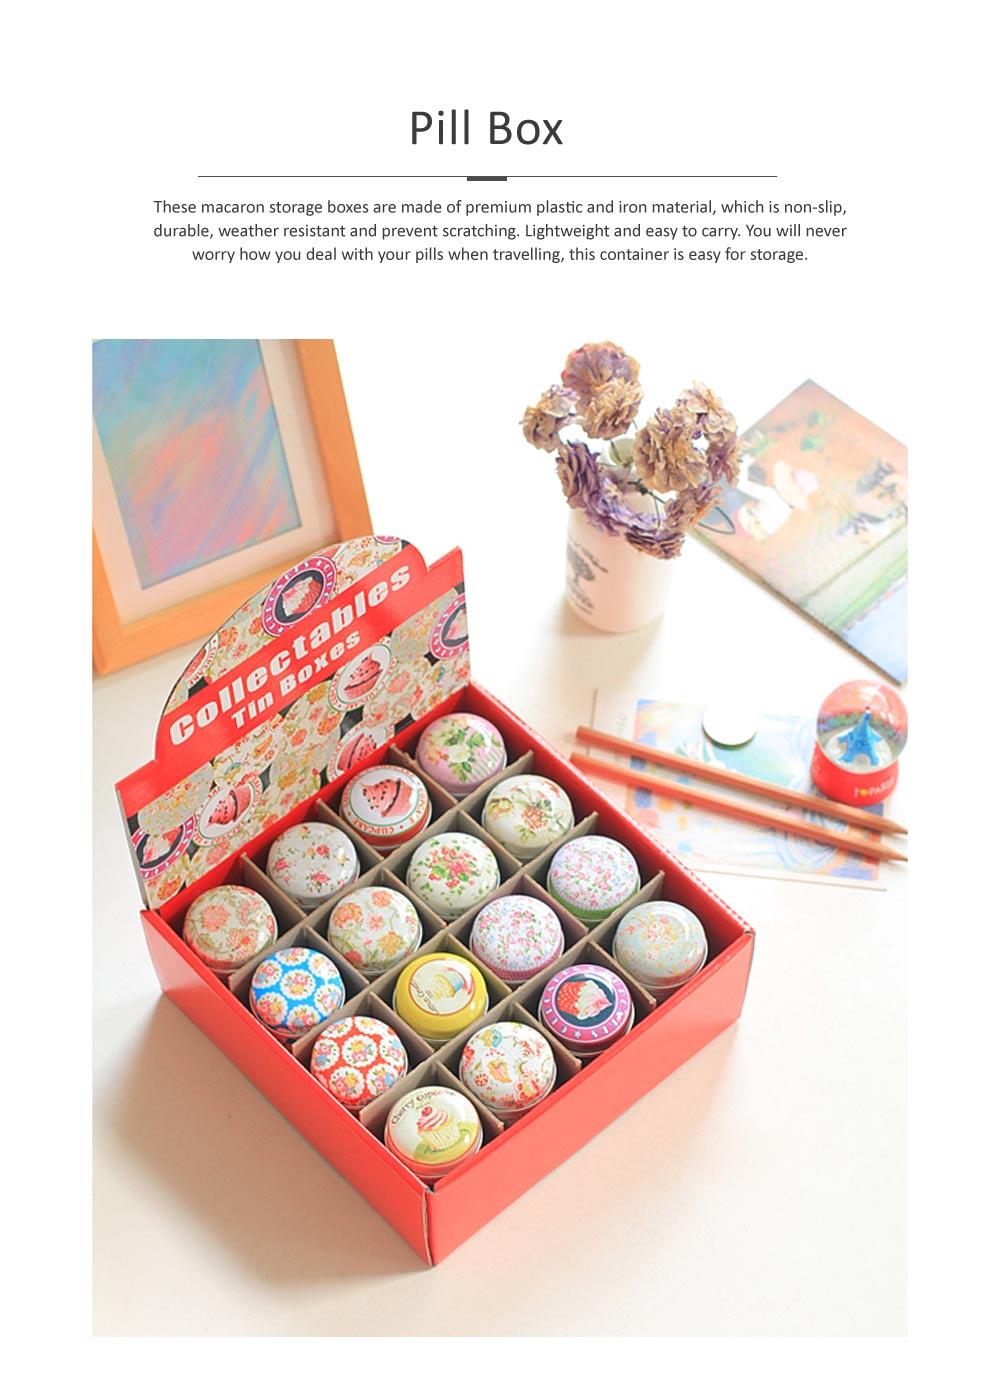 Mini Macaron Pill Box Cute Colorful Jewelry Storage Box Pill Organizer Case Container 0